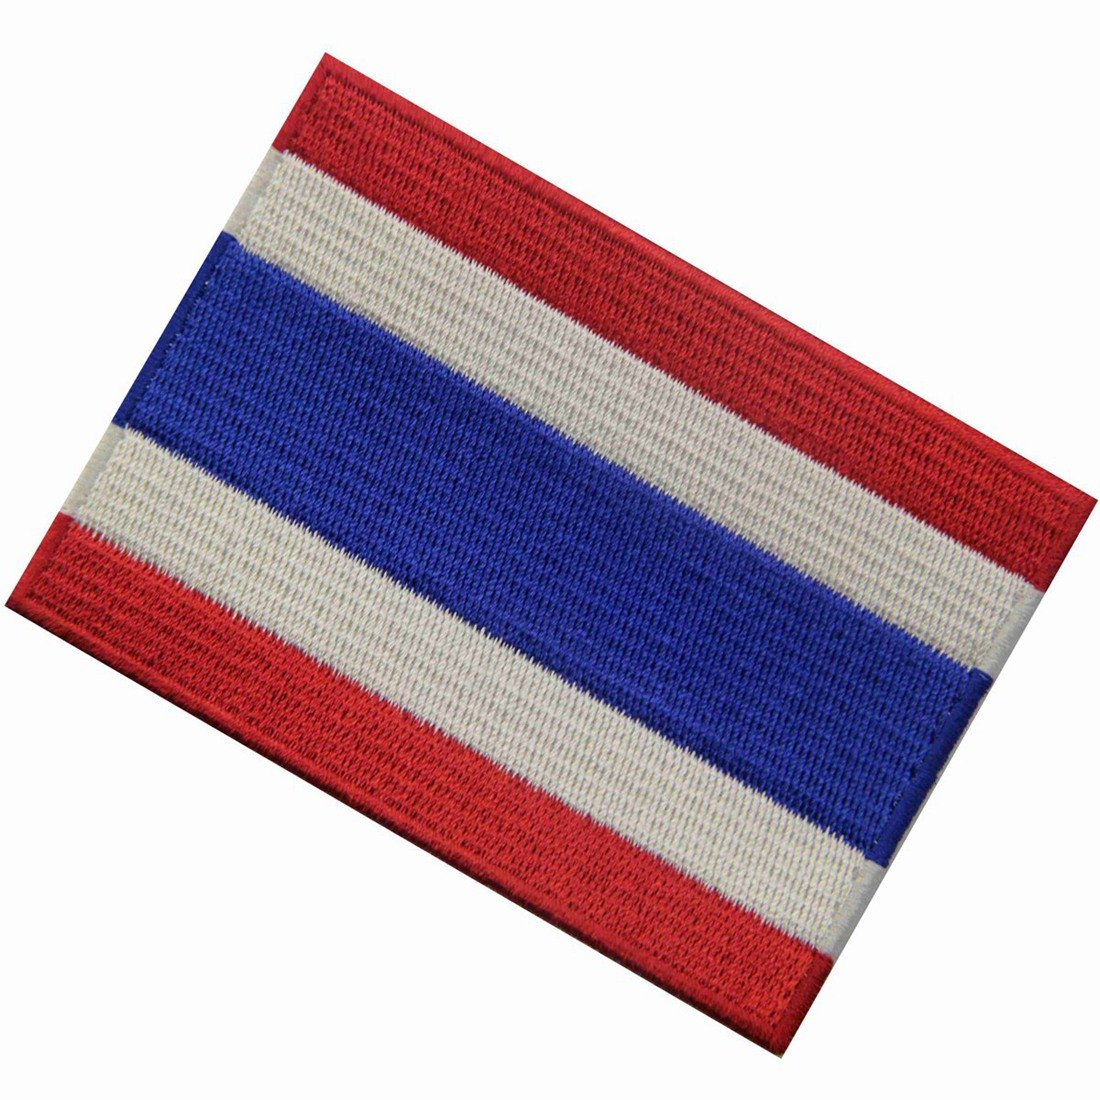 Bandera de Tailandia Tailandés Parche Bordado de Aplicación con Plancha: Amazon.es: Hogar